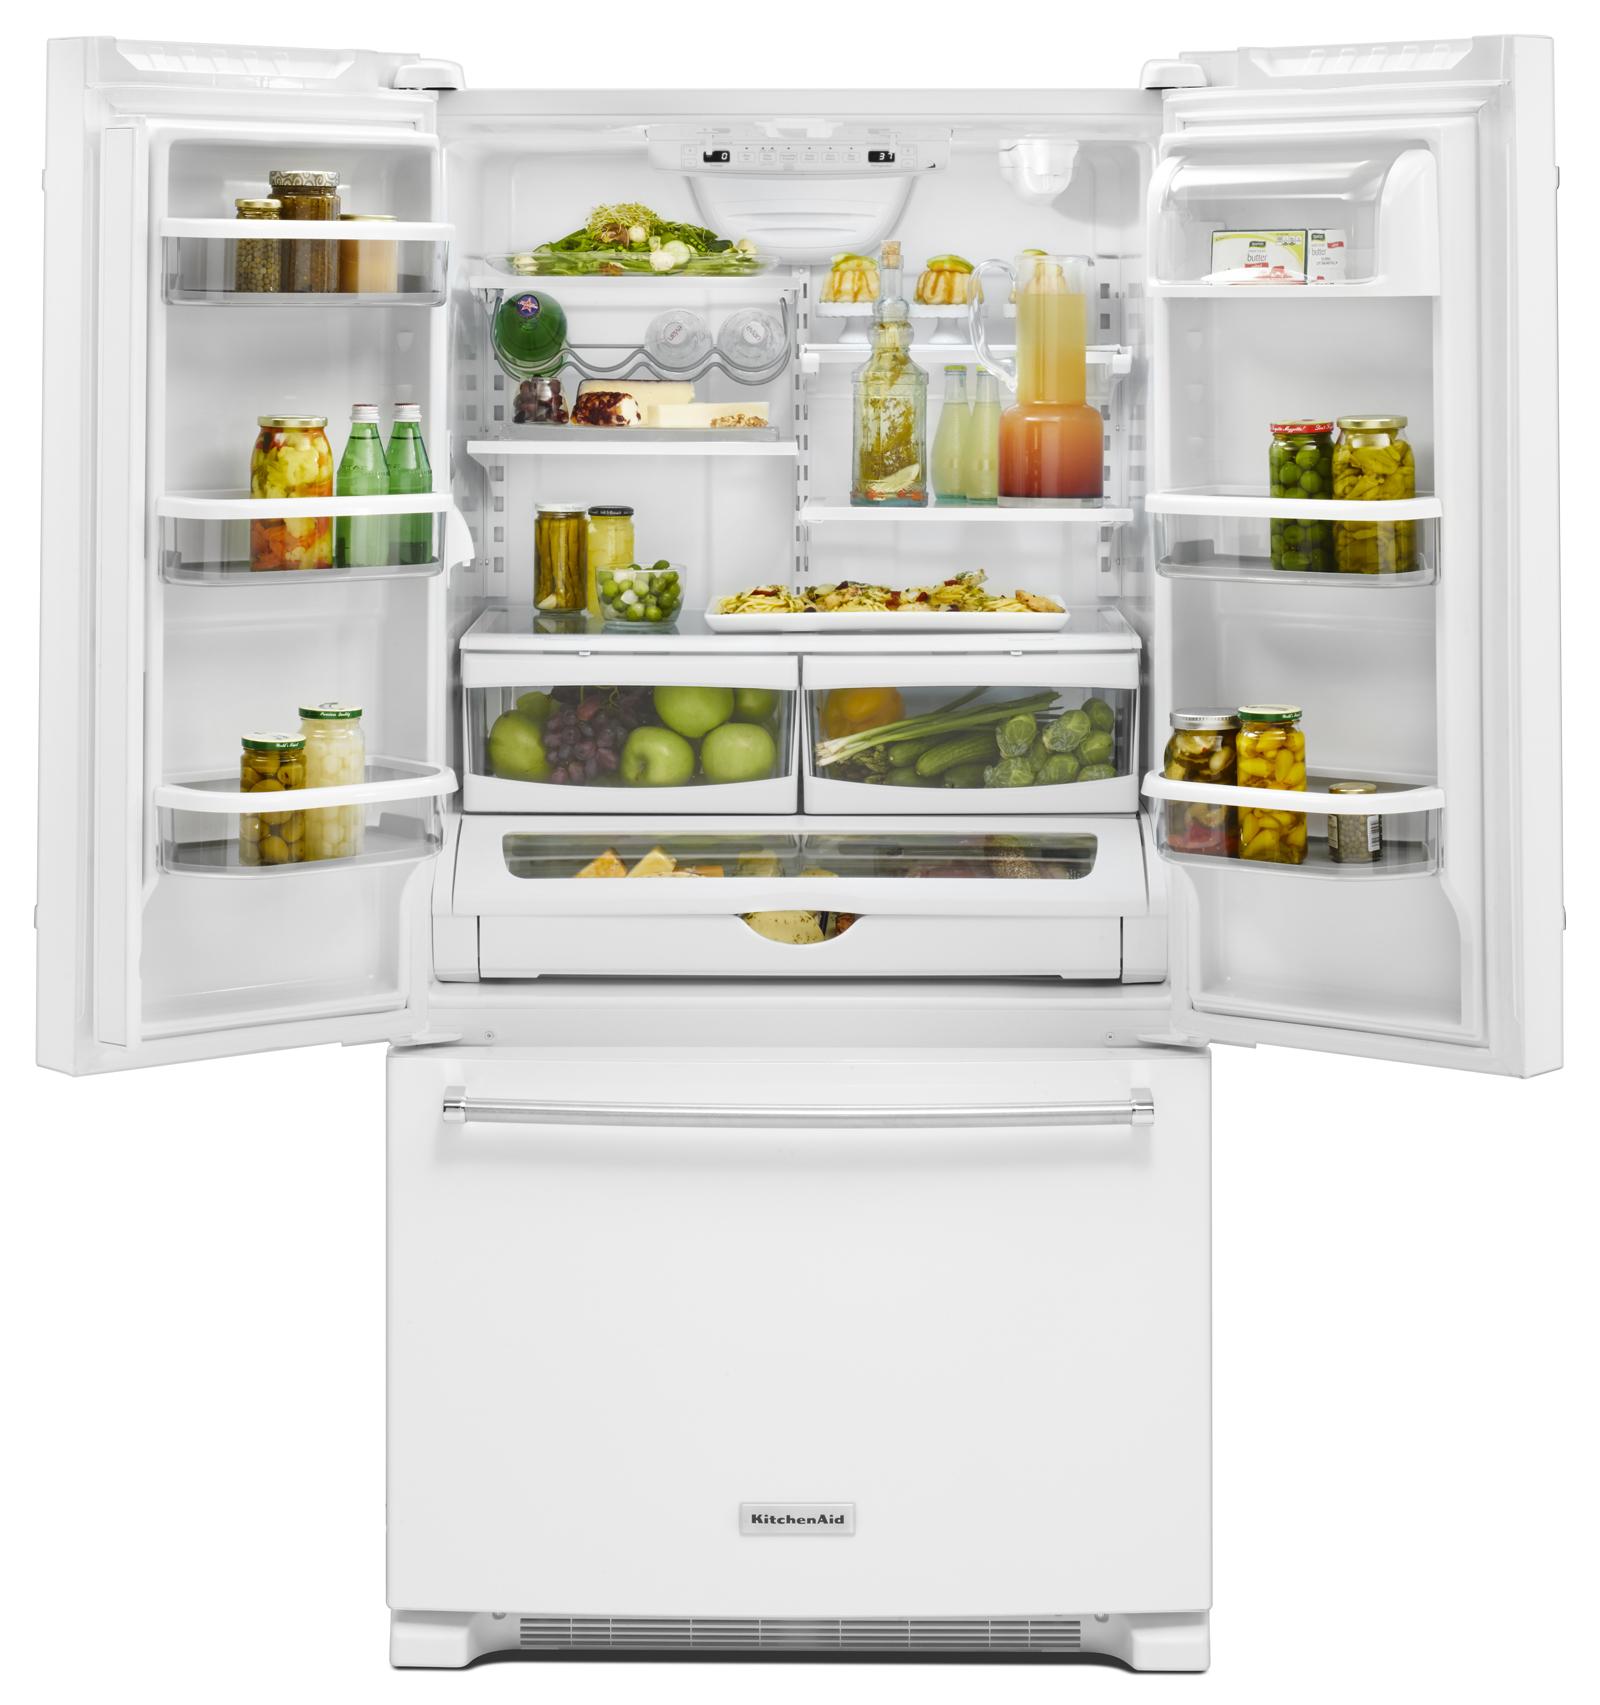 KitchenAid KRFF305EWH 25 cu. ft. French Door Refrigerator - White